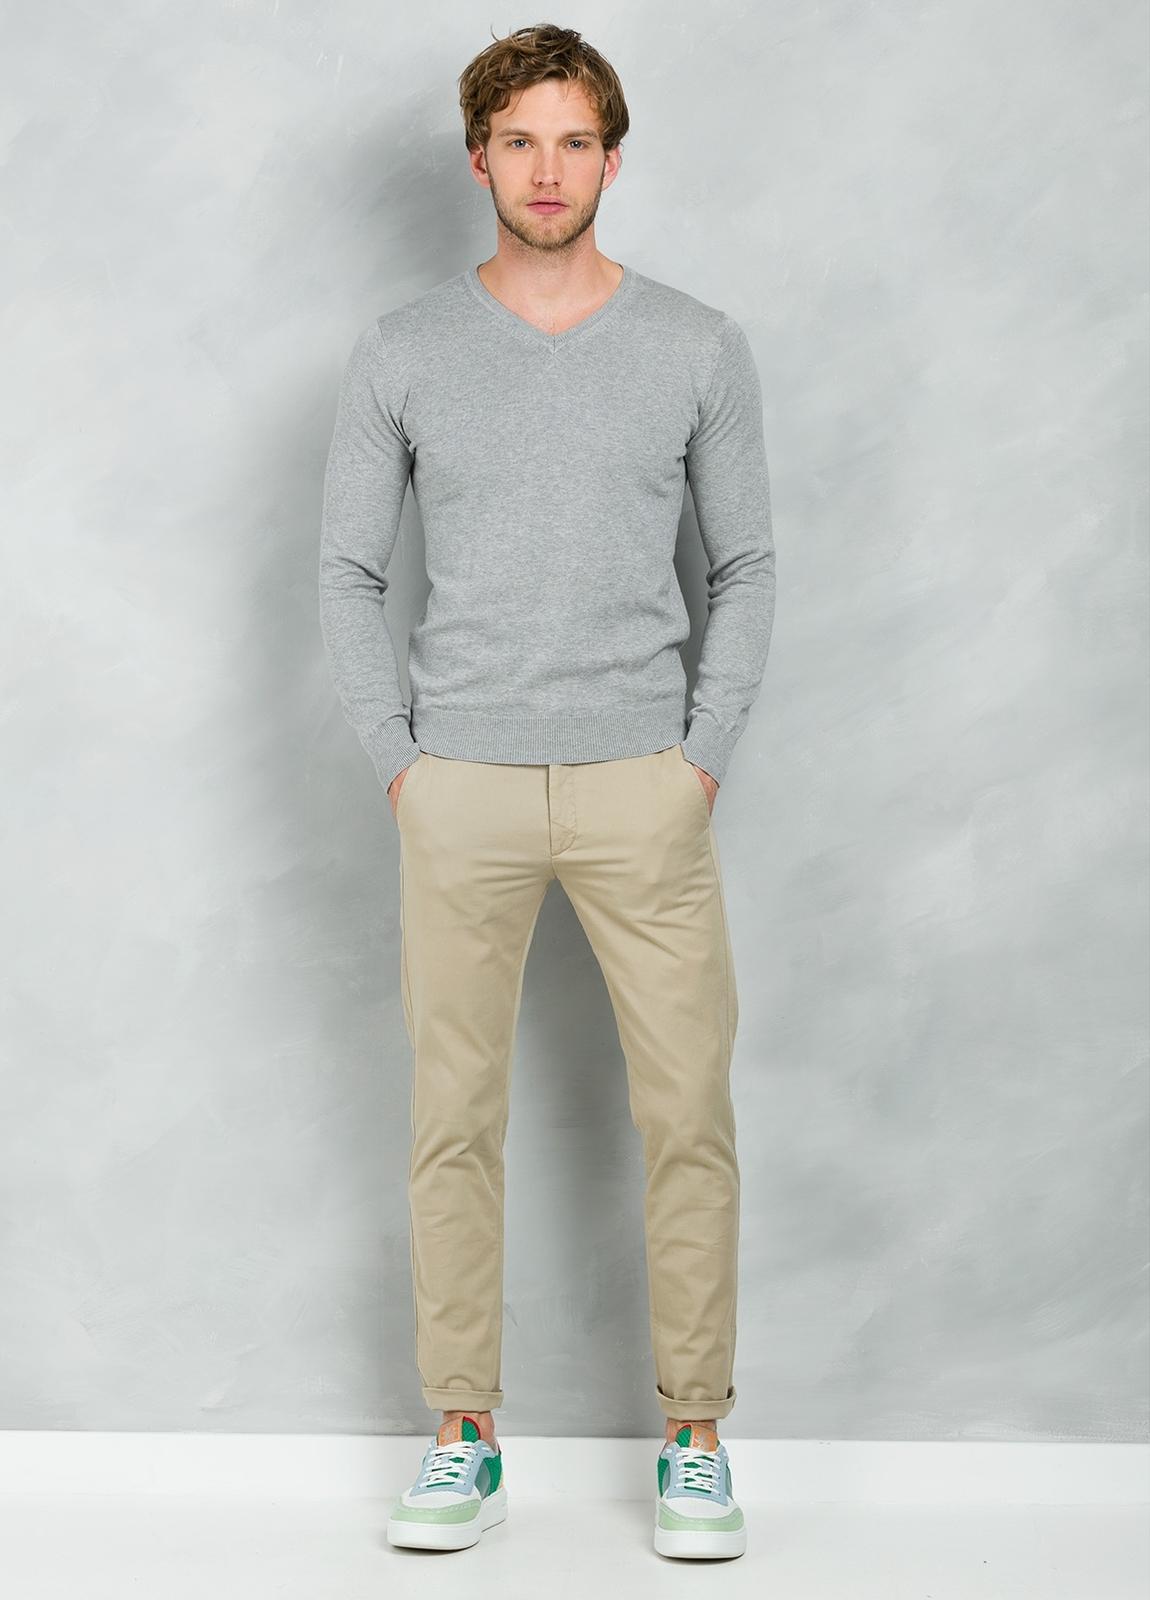 Jersey Casual Wear, SLIM FIT cuello pico color gris, 100% algodón.